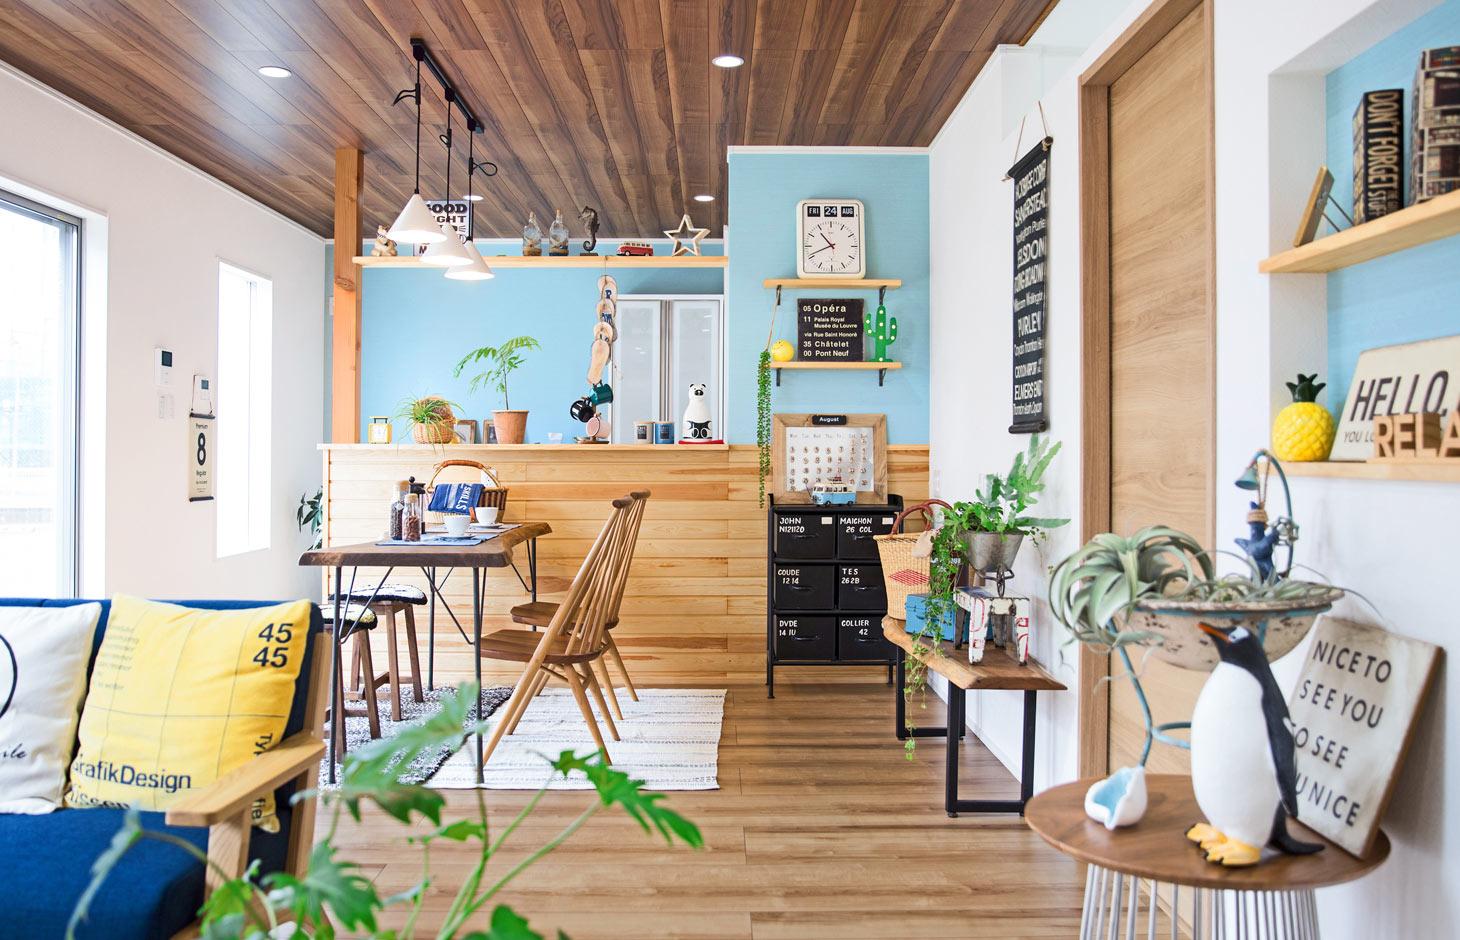 illi-to design 鳥居建設21【デザイン住宅、趣味、省エネ】木の風合いに濃淡のブルーが合わさり、ナチュラルで優しい雰囲気になった